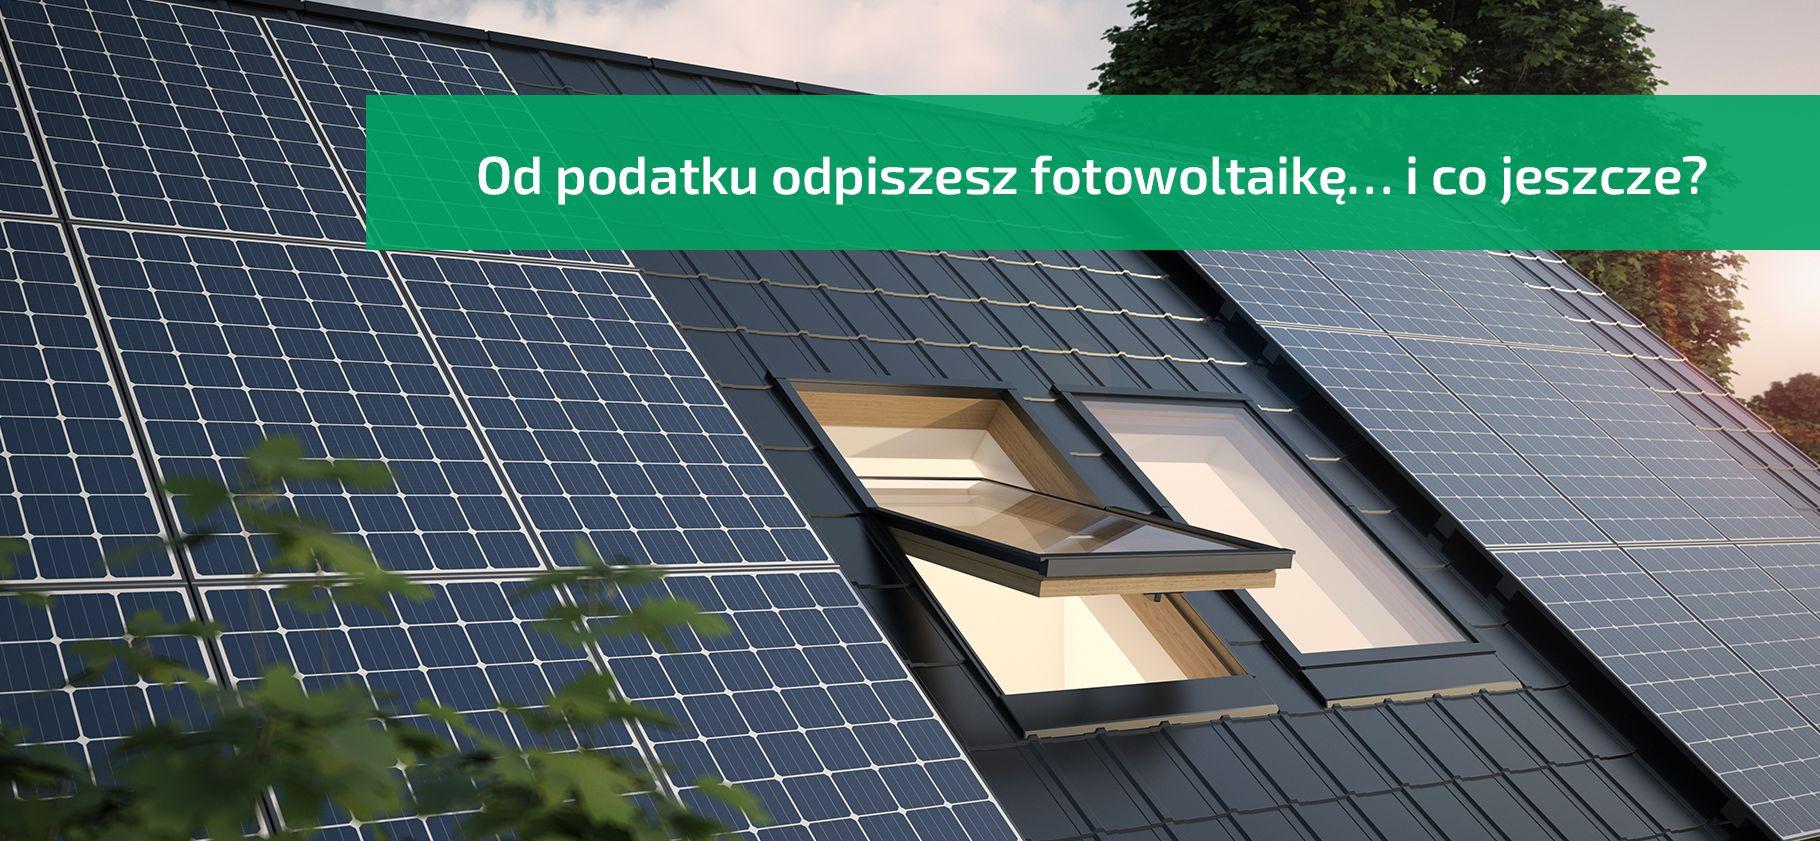 Panele fotowoltaiczne na dachu jak dofinansować i jaka ulga podatkowa